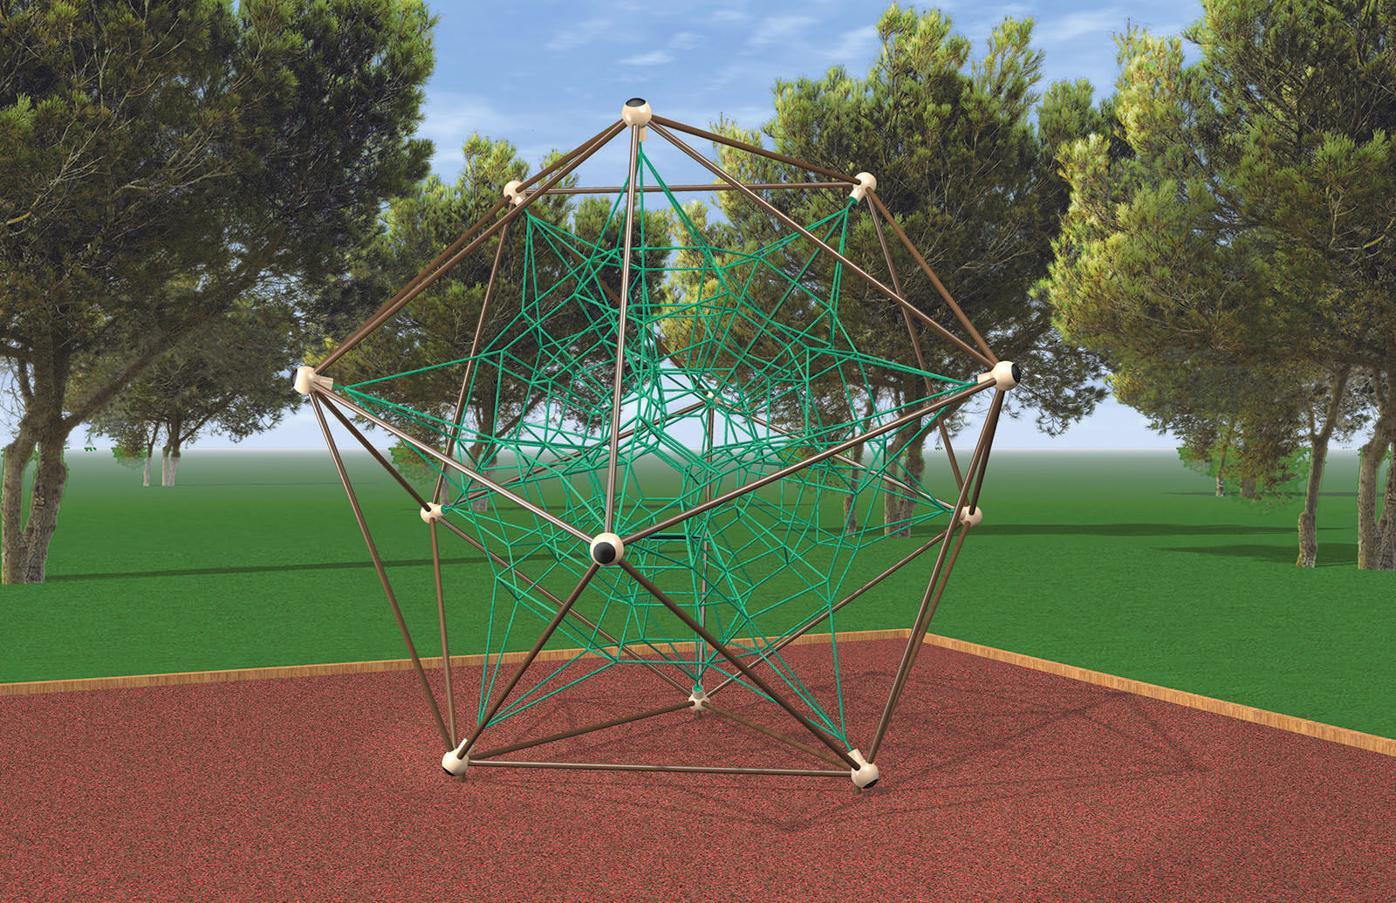 Memorial Park playweb rendering